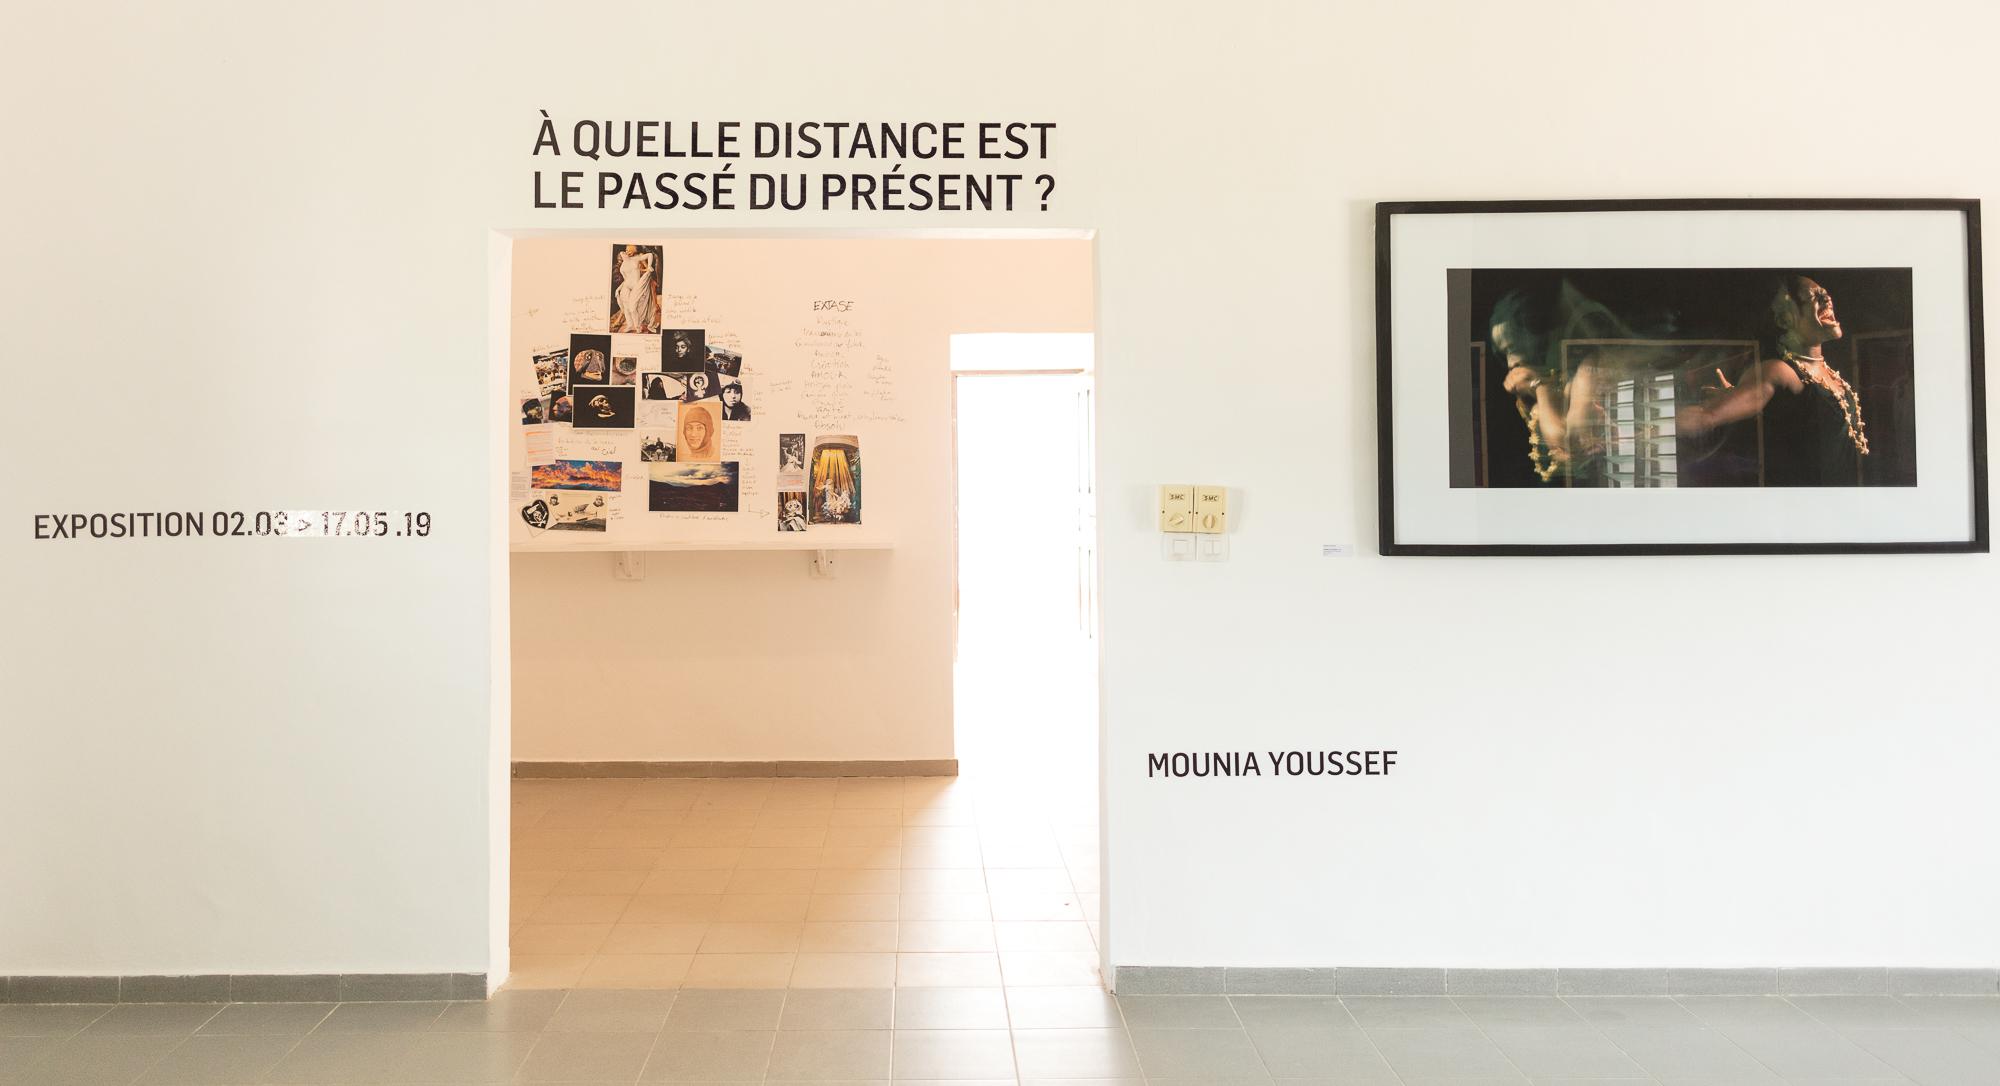 Exposition : A quelle distance est le passé du présent ?